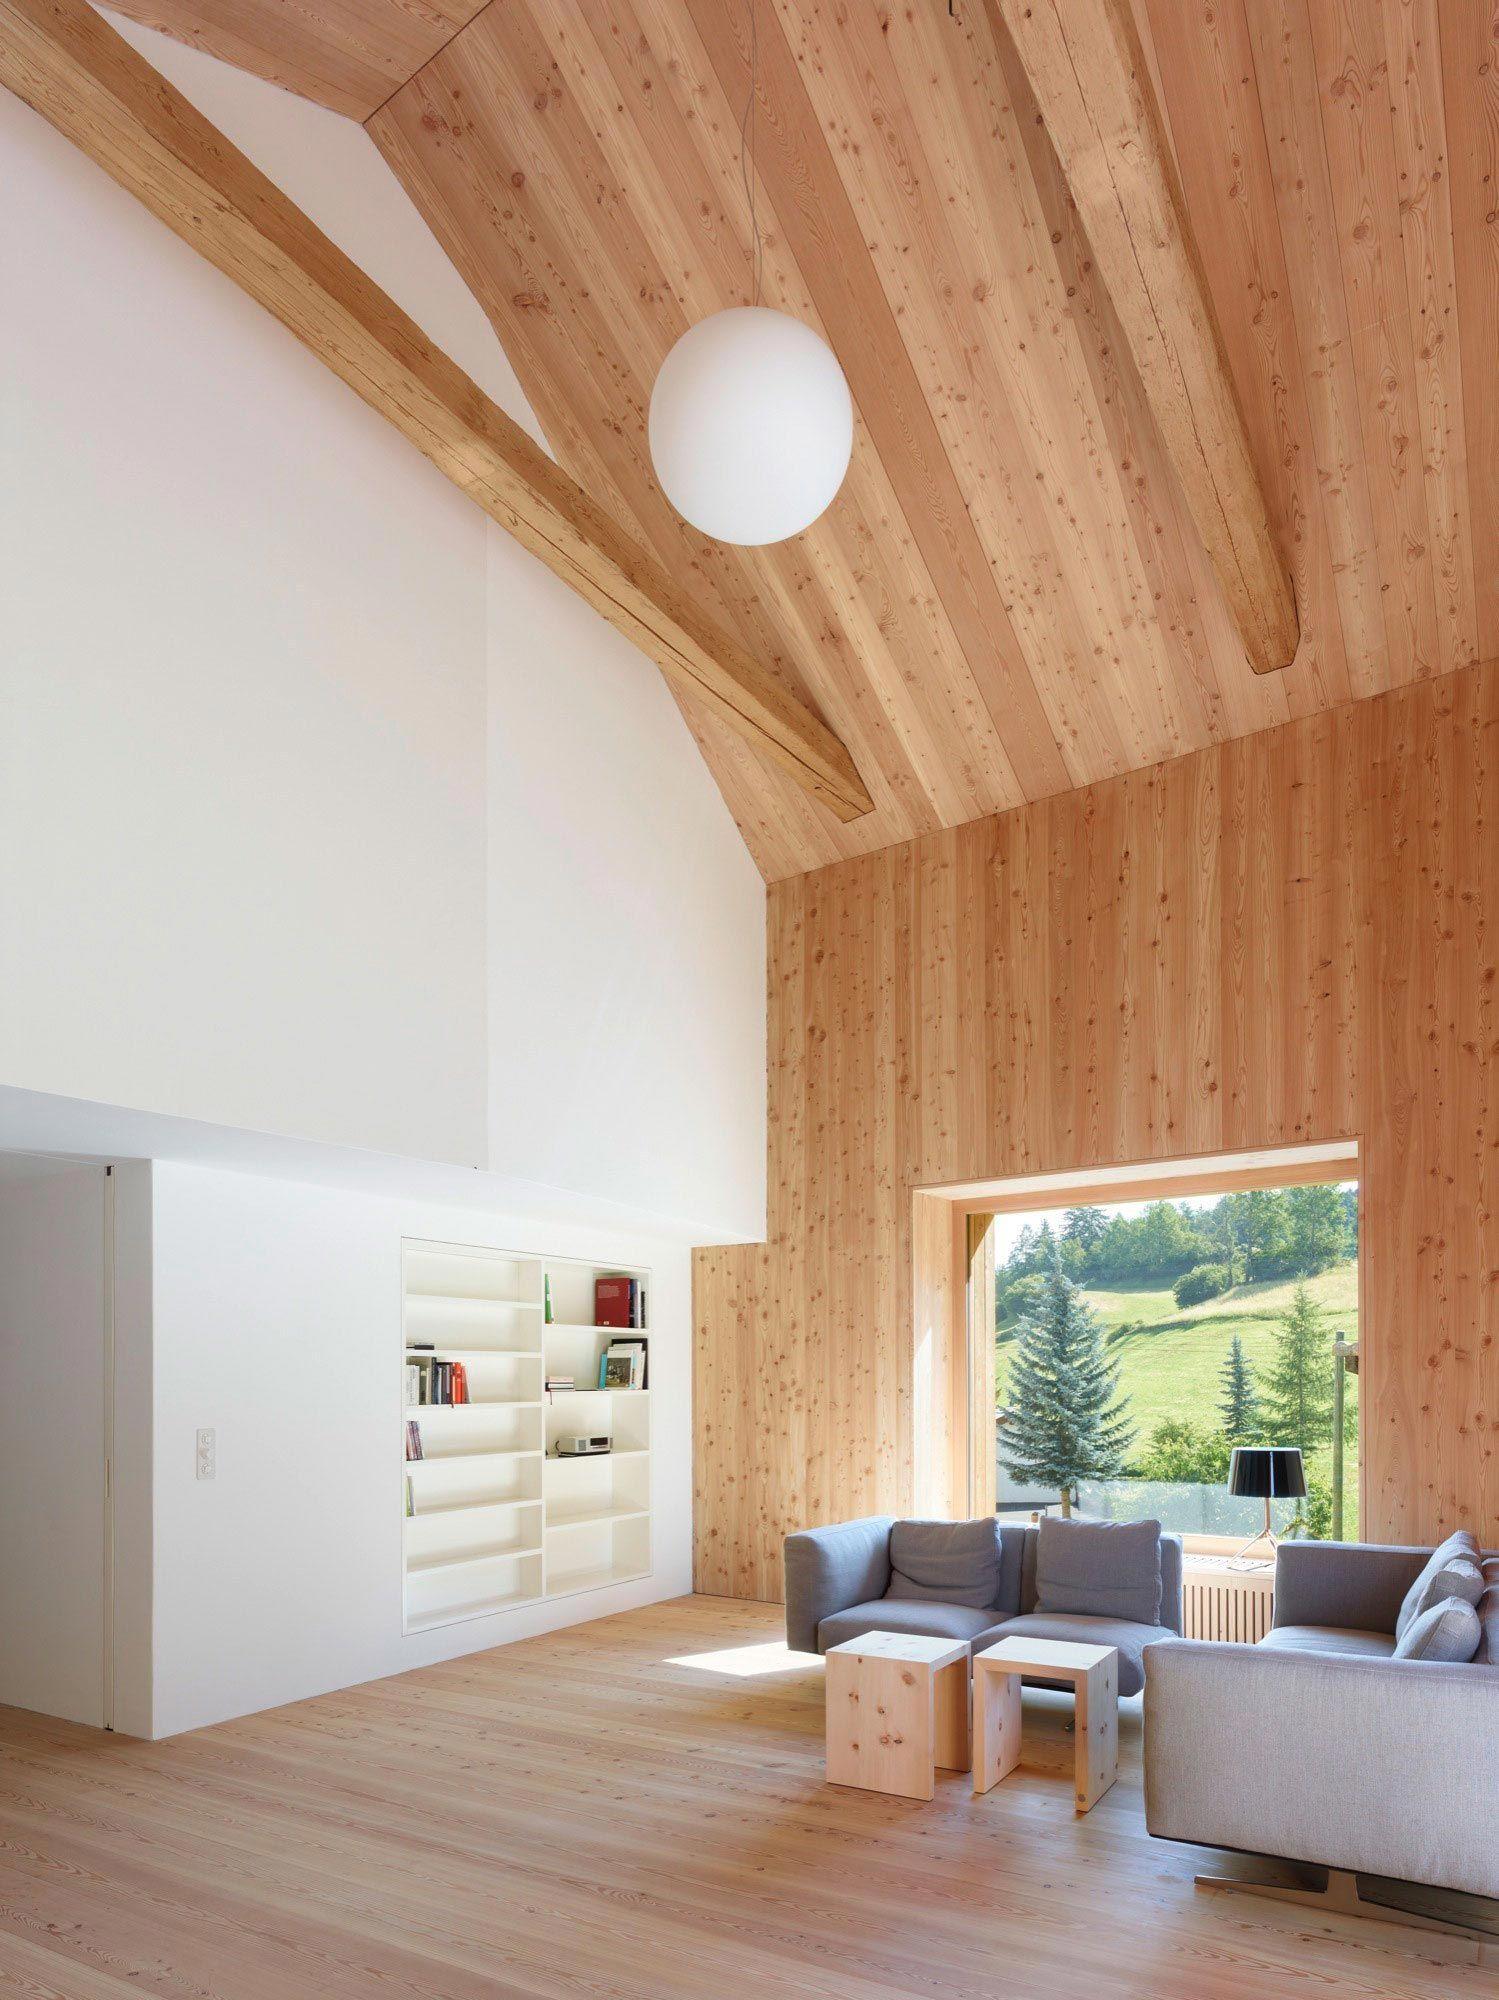 Renovierung Innenraum Steinmauer - linearsystem.co - Home Design ...